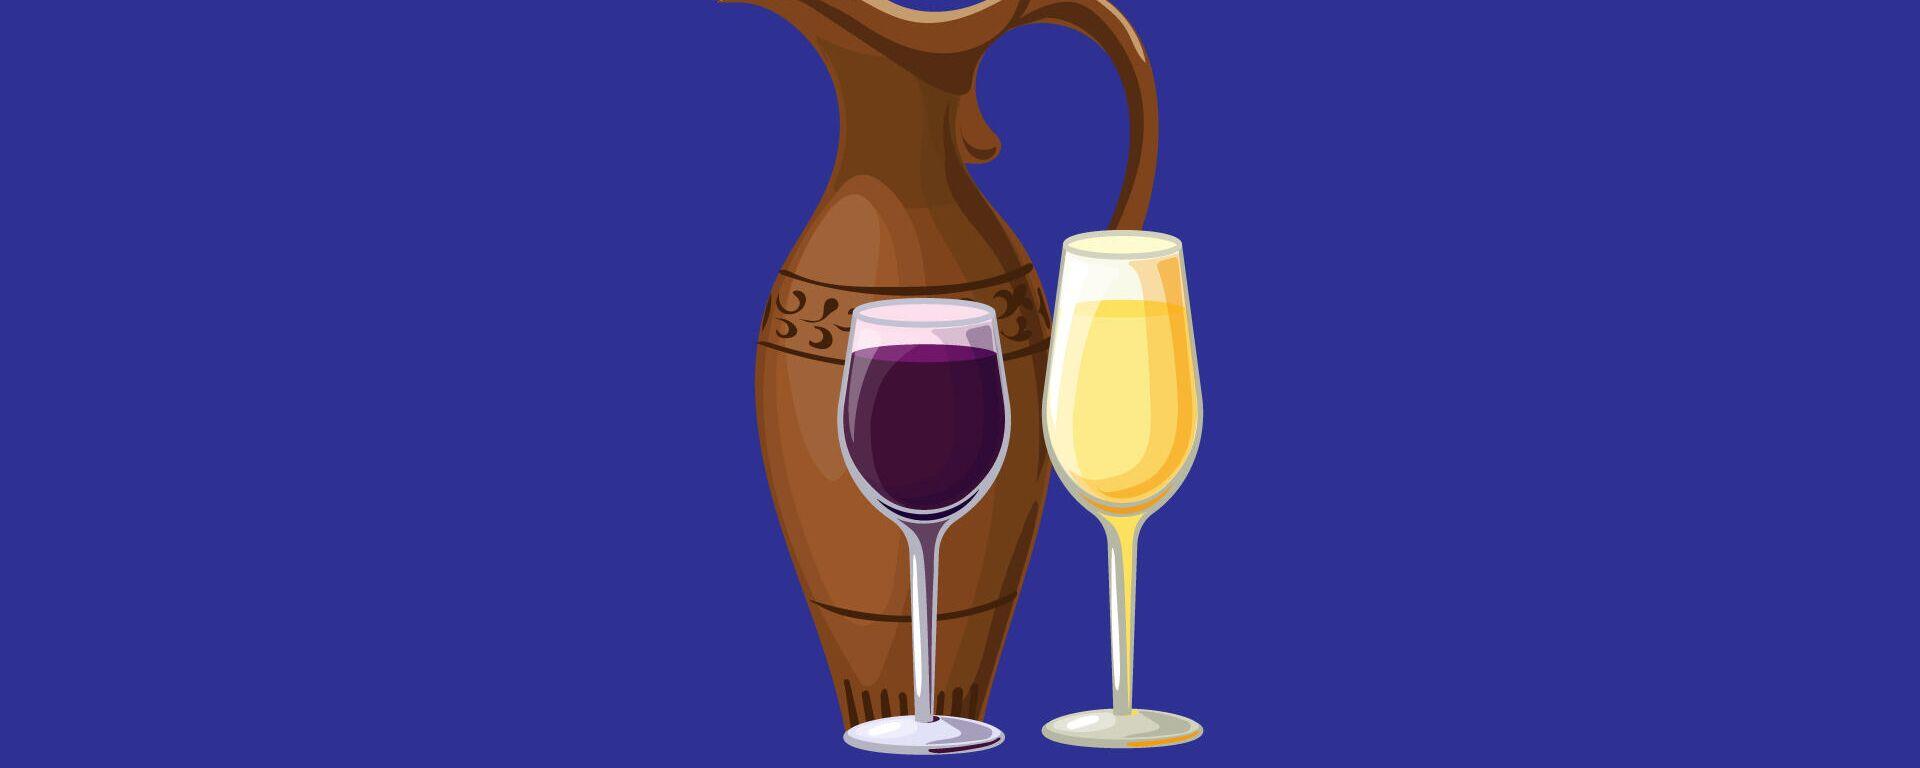 ქართული ღვინის პოპულარული სახეობები - Sputnik საქართველო, 1920, 22.09.2021